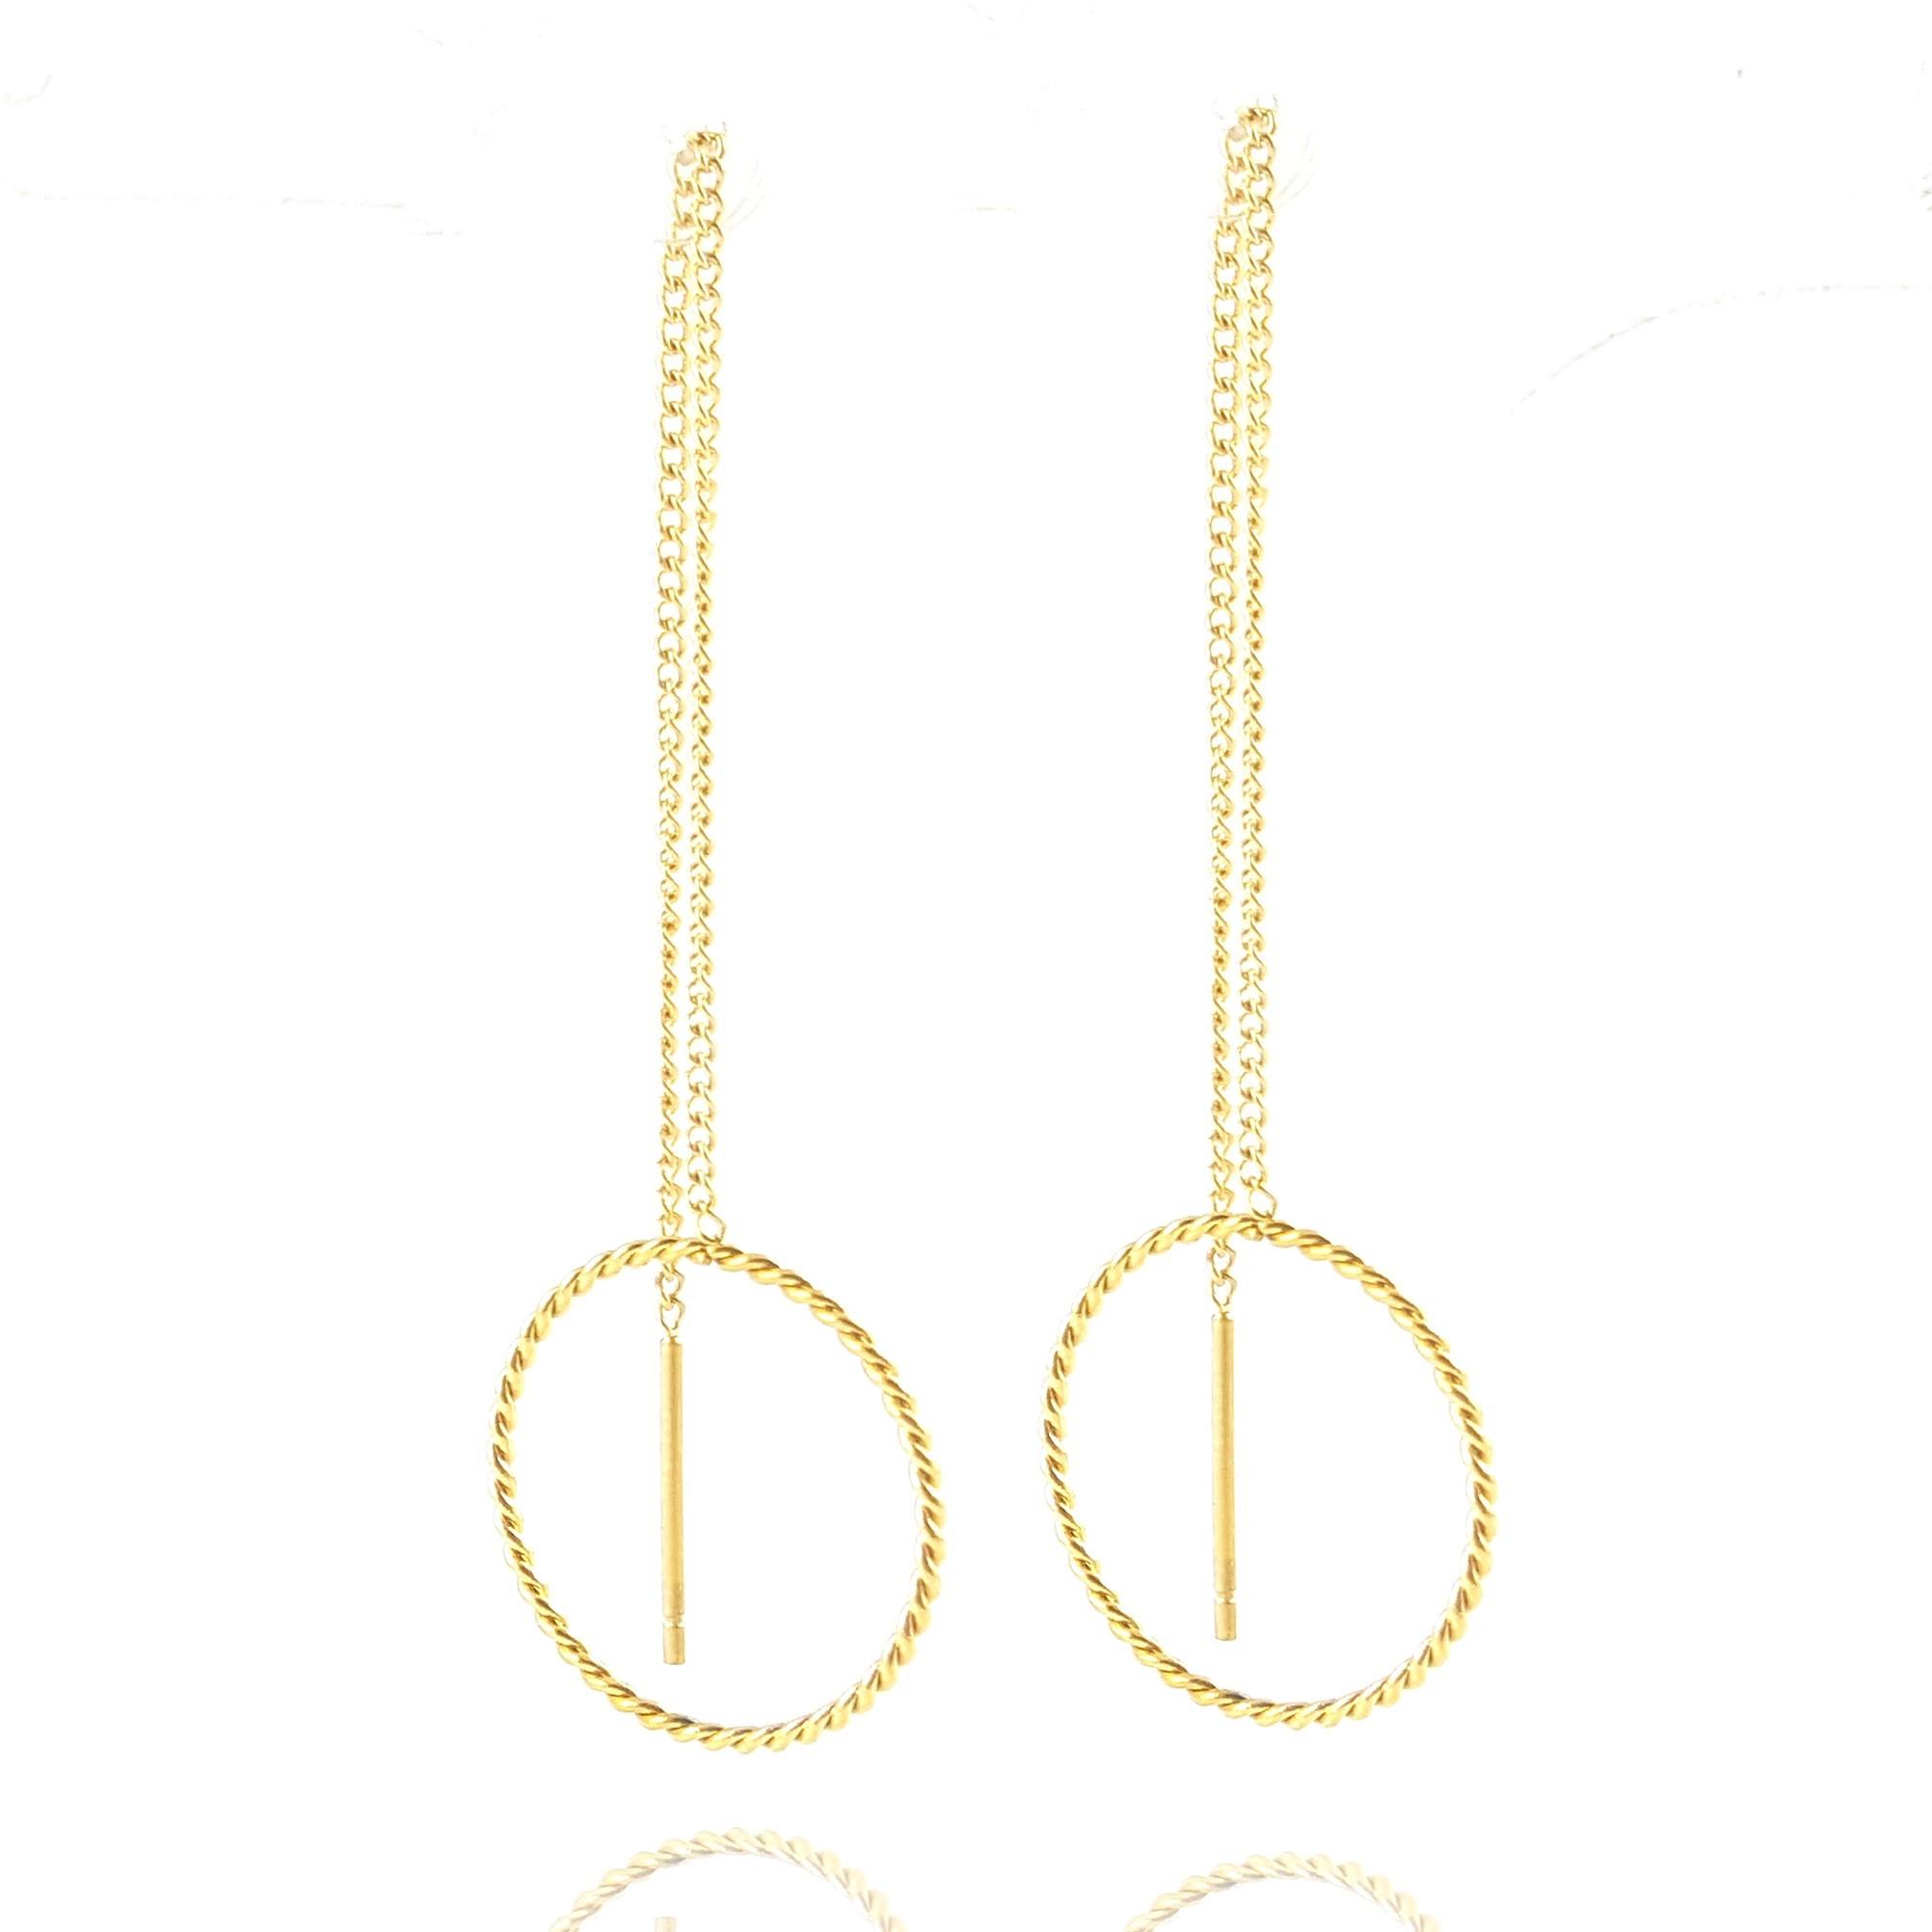 boucles d'oreilles chaîne traversante - acier doré - identités bijoux auvergne